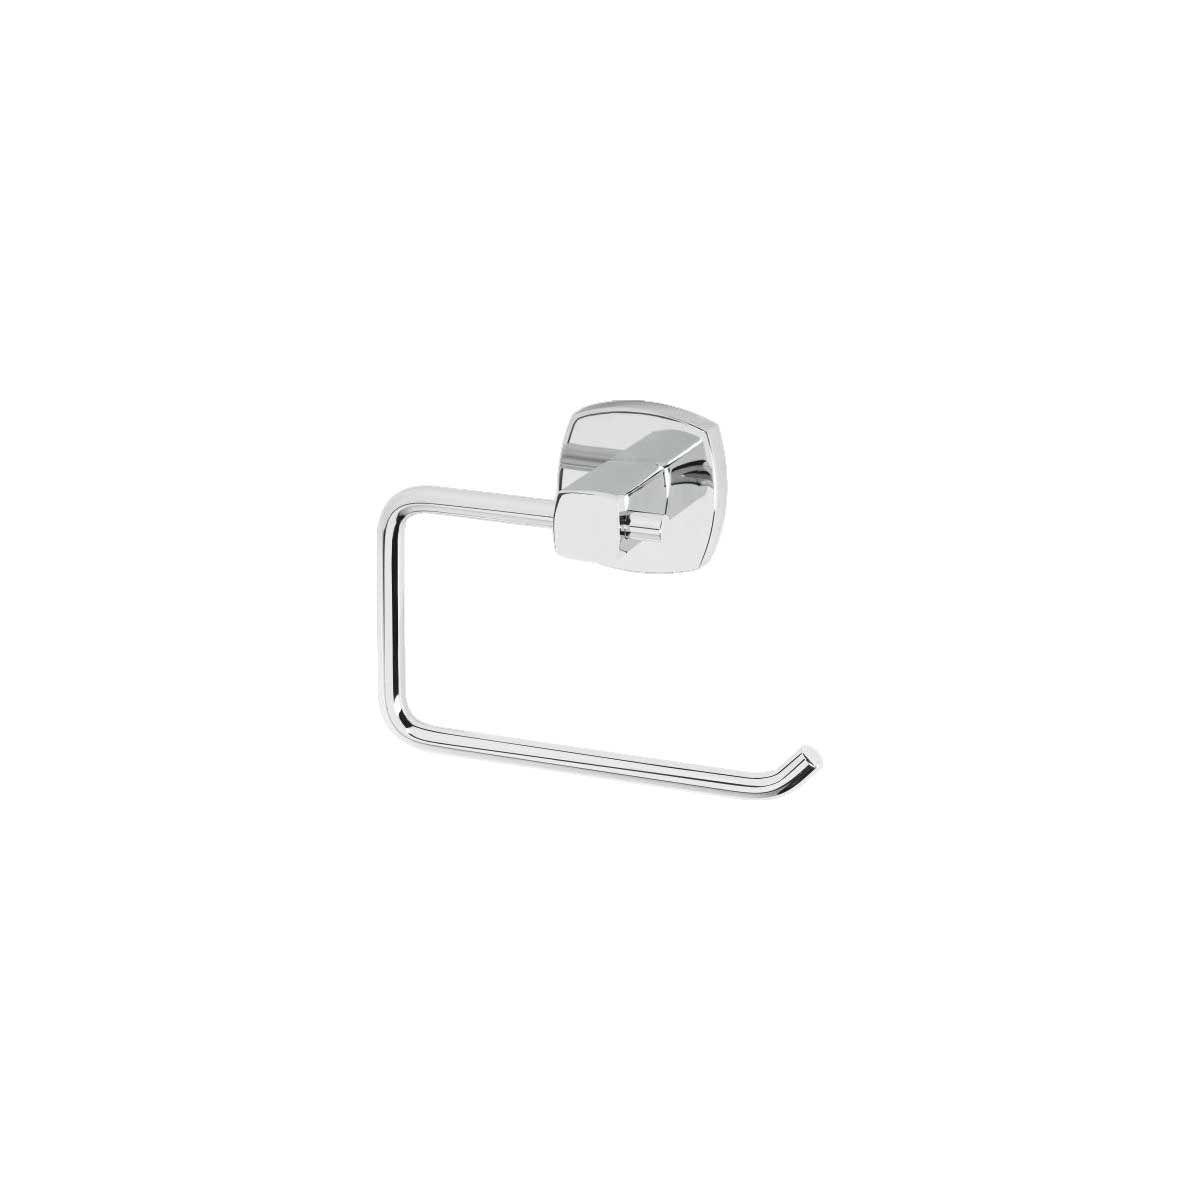 Accessori Bagno Tl Bath : Porta rotolo aperto q line metaform